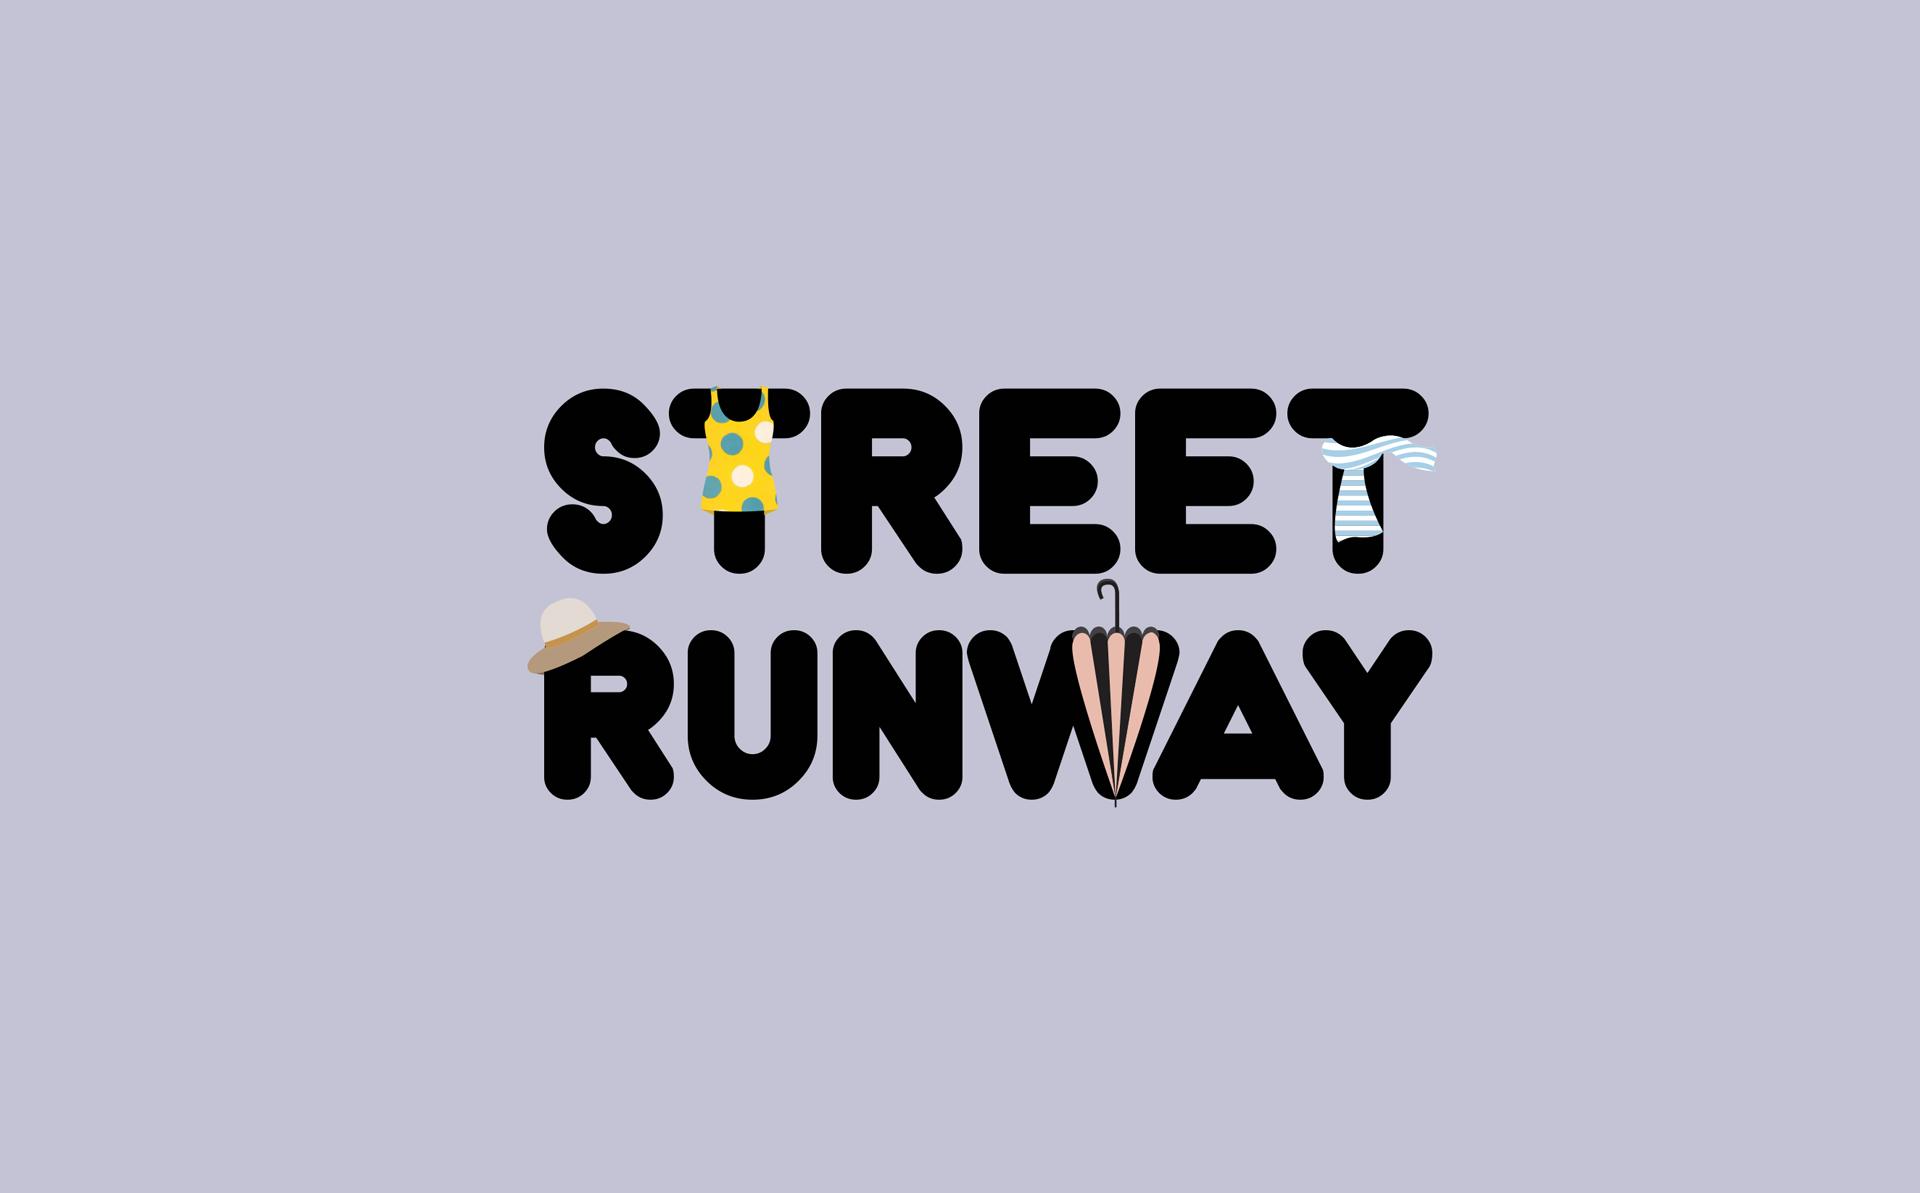 streetrunway logo